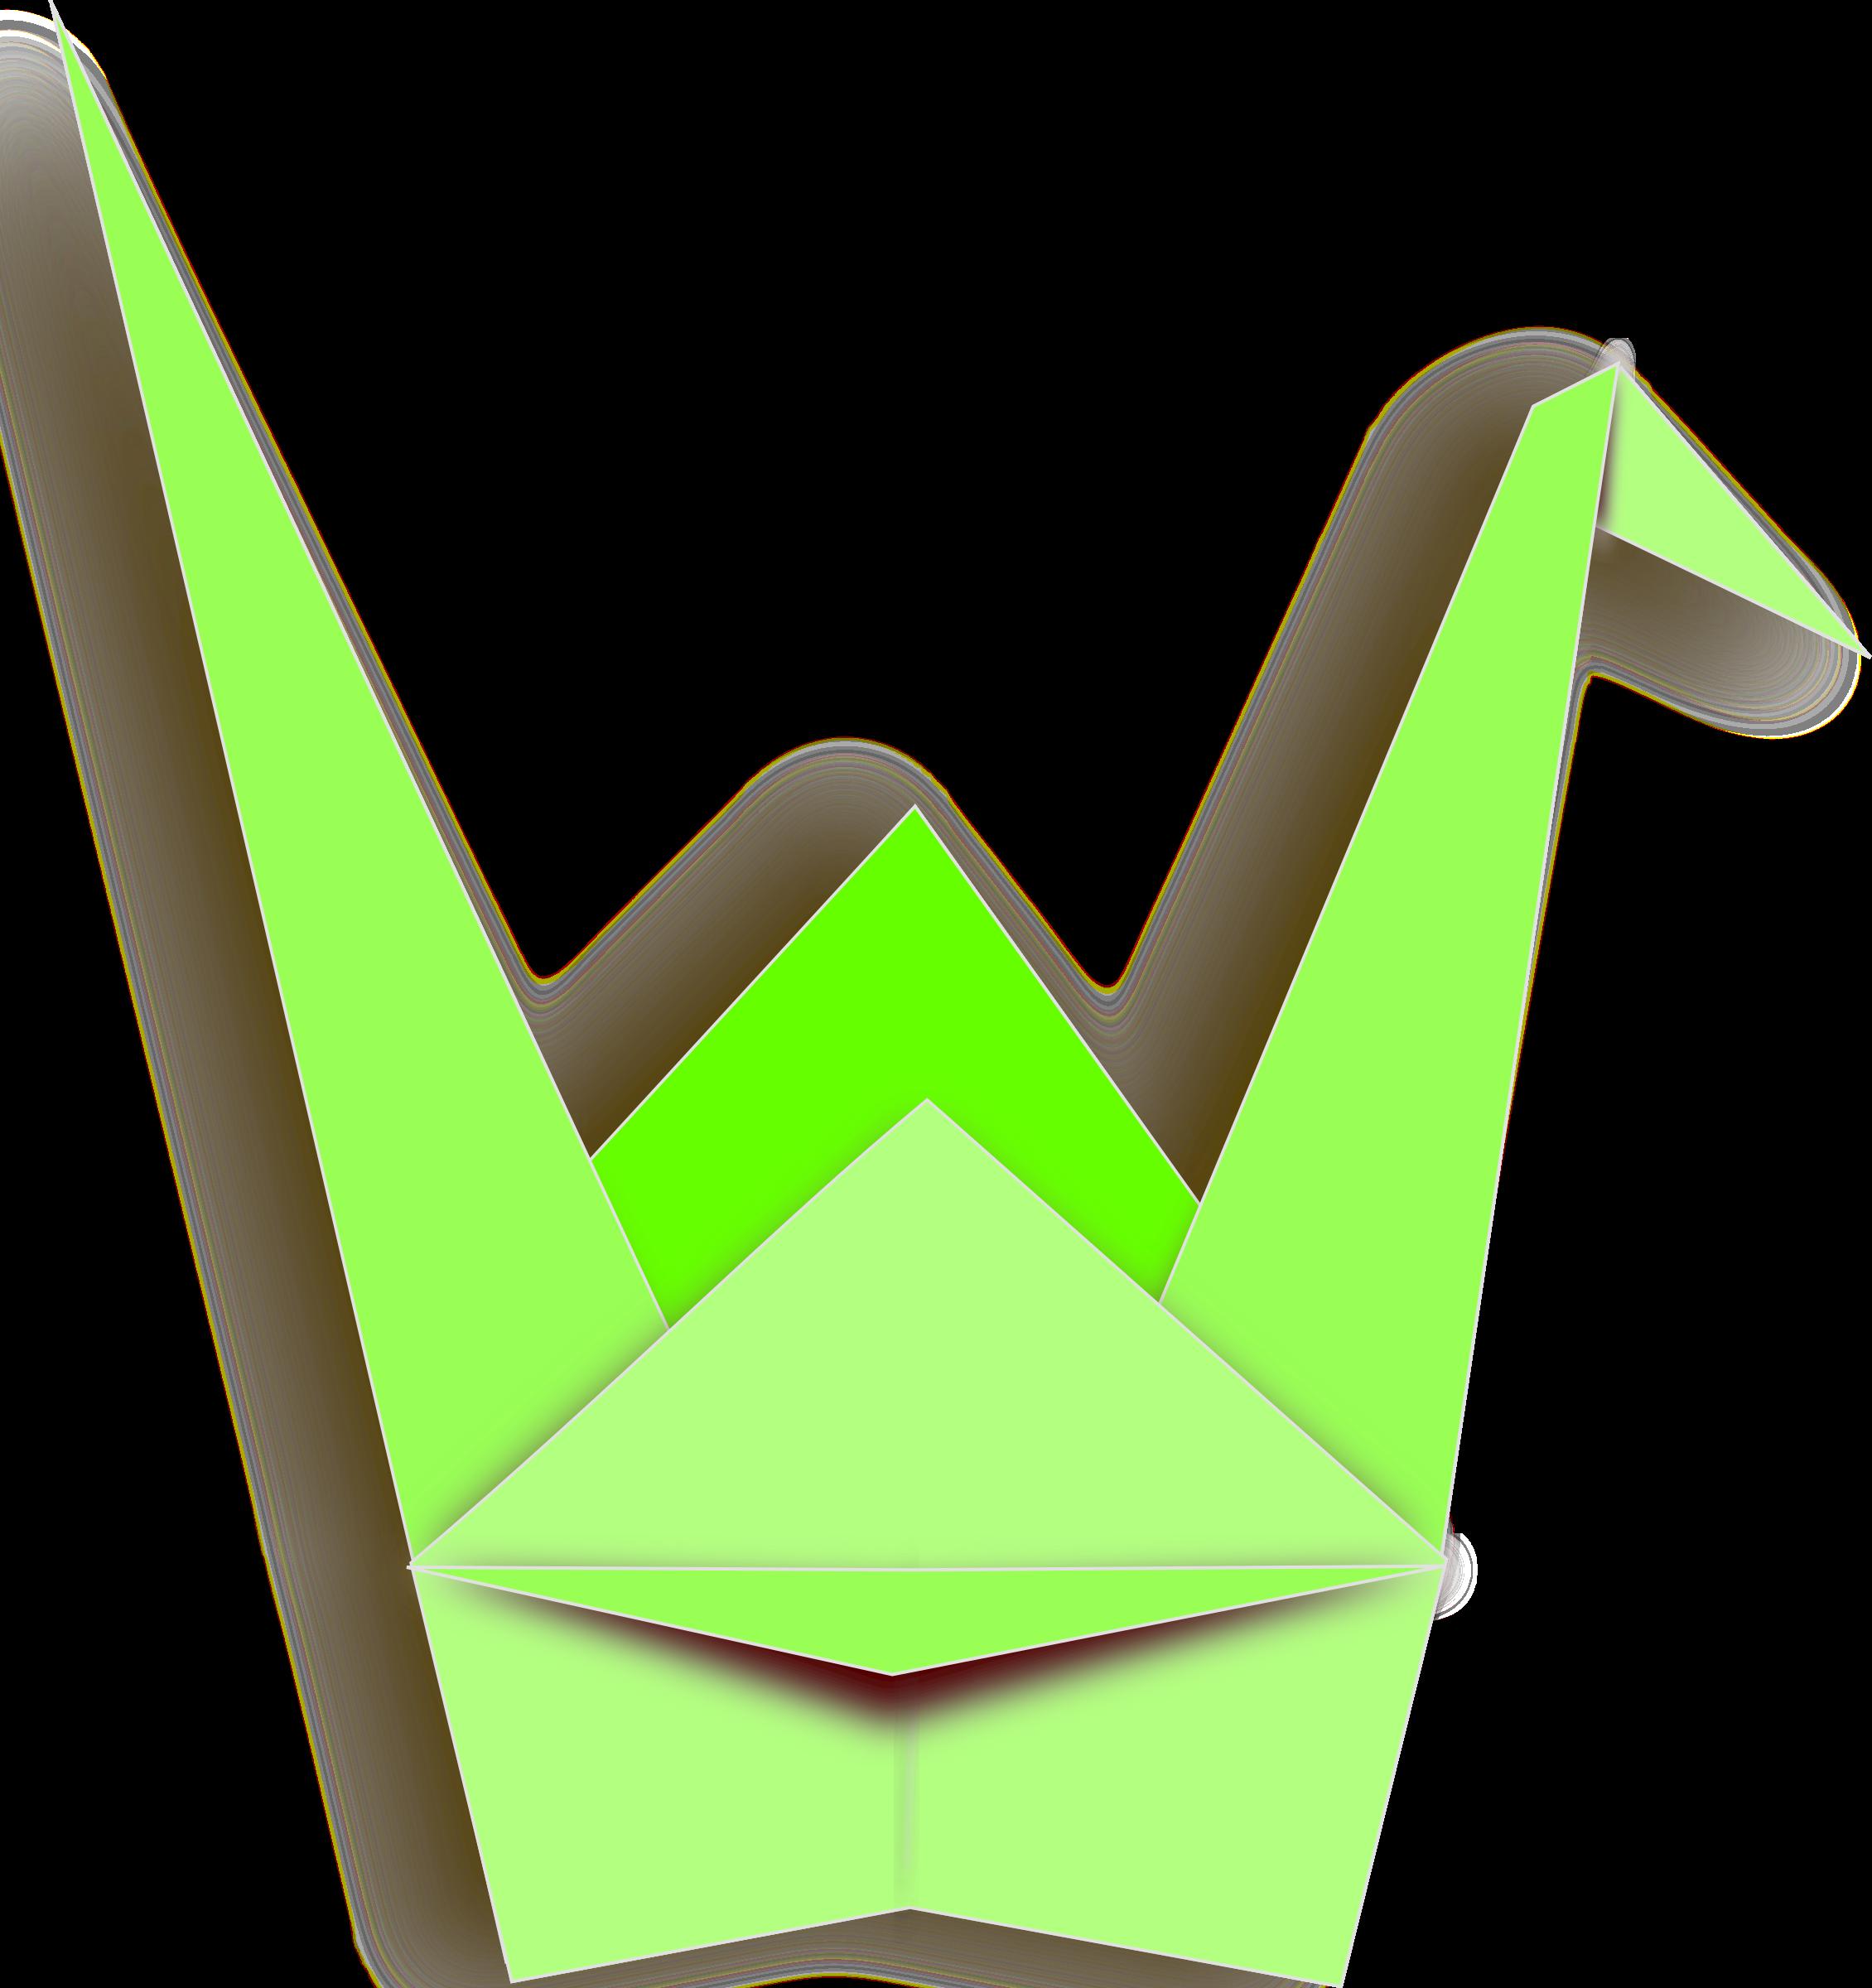 Png Paper Crane